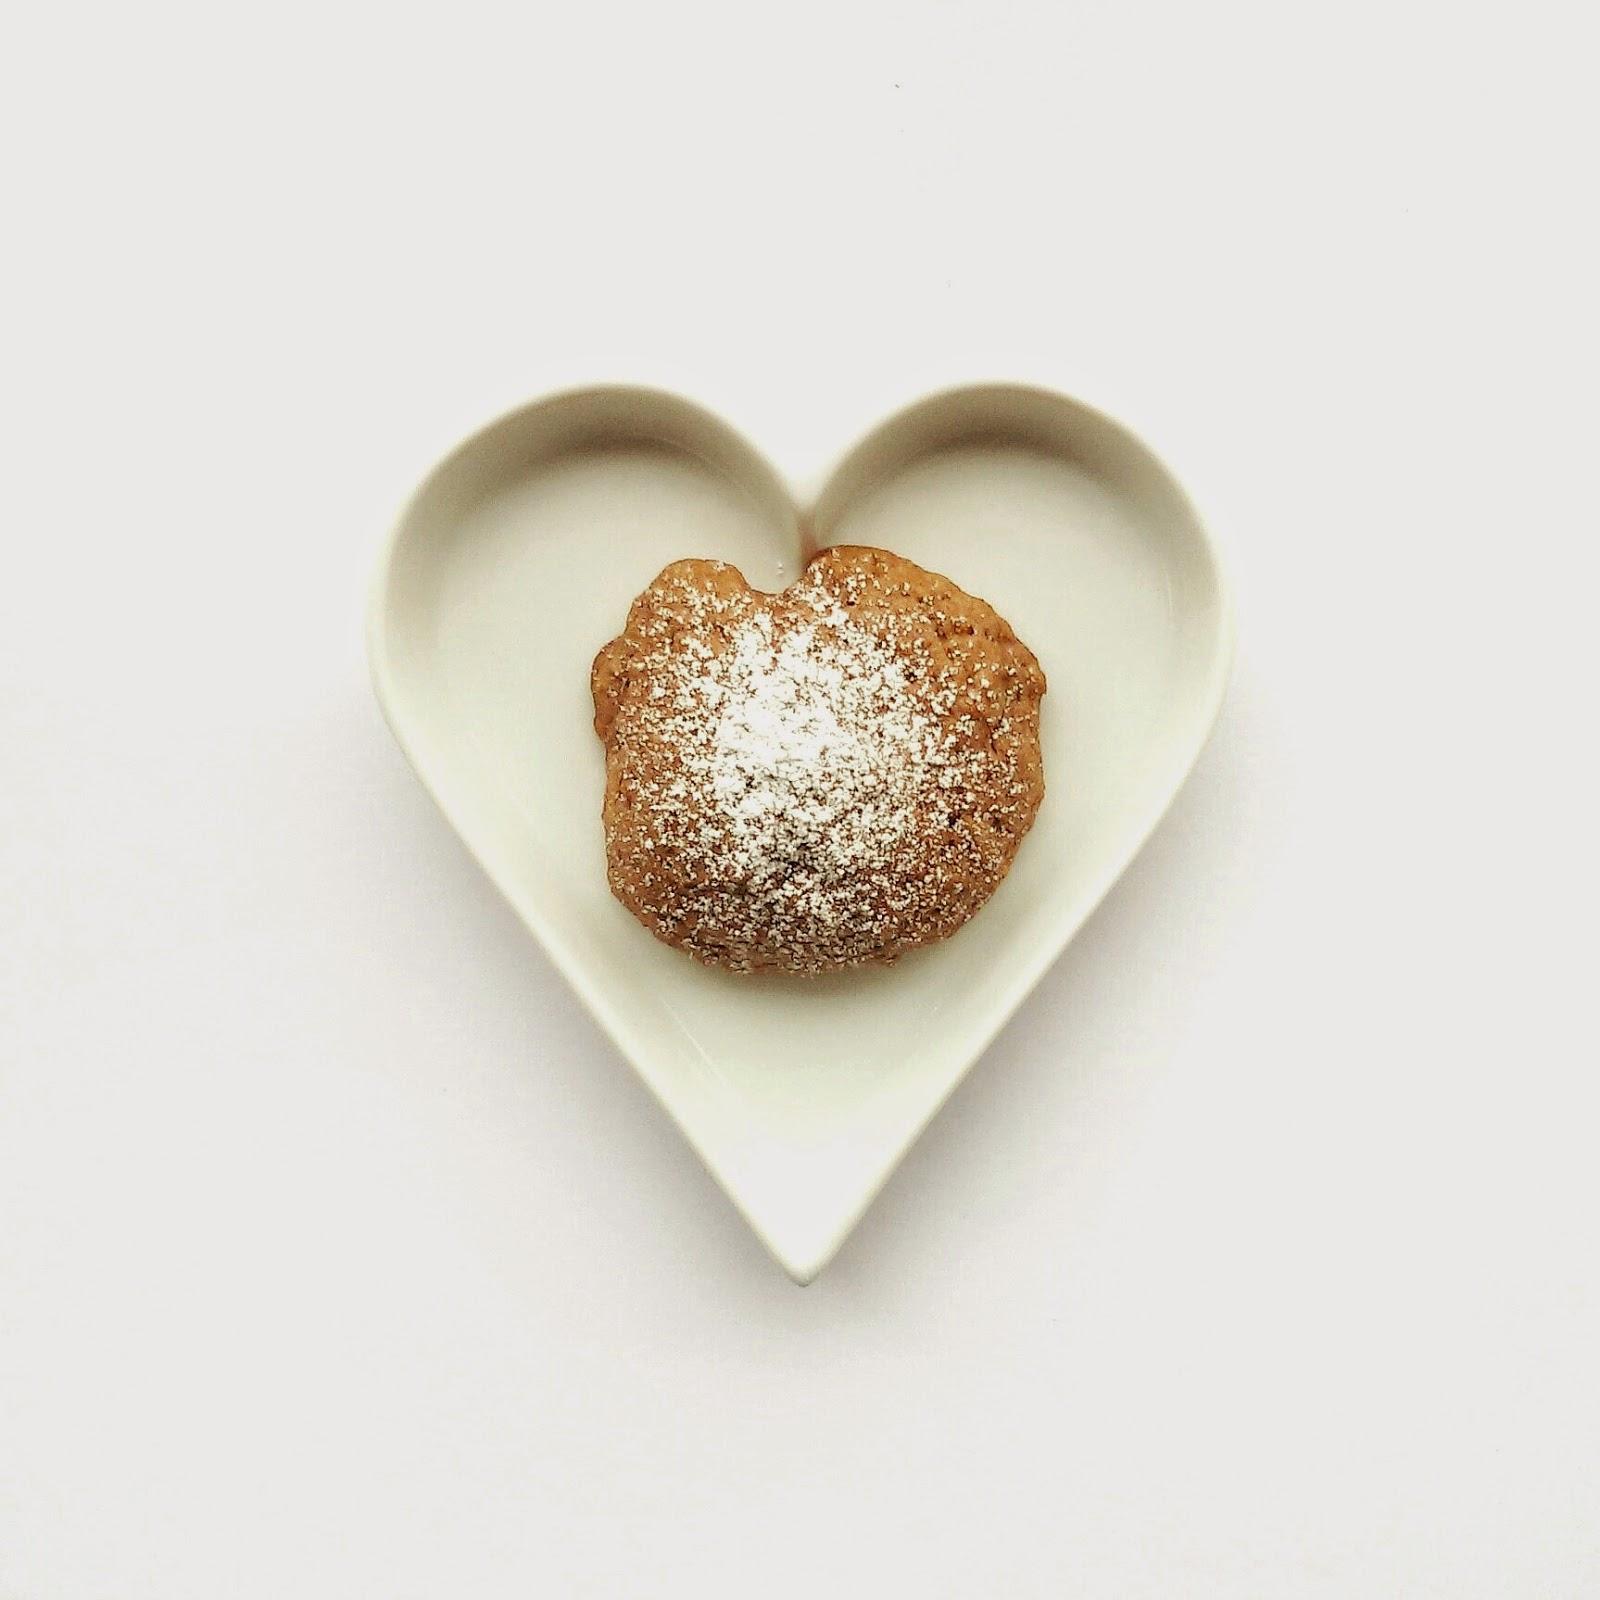 Schnelle Kekse mit vielerlei Kombinations-Möglichkeiten | 10 DIY-Nachmach-Ideen und Rezepte für den Februar | https://mammilade.blogspot.de